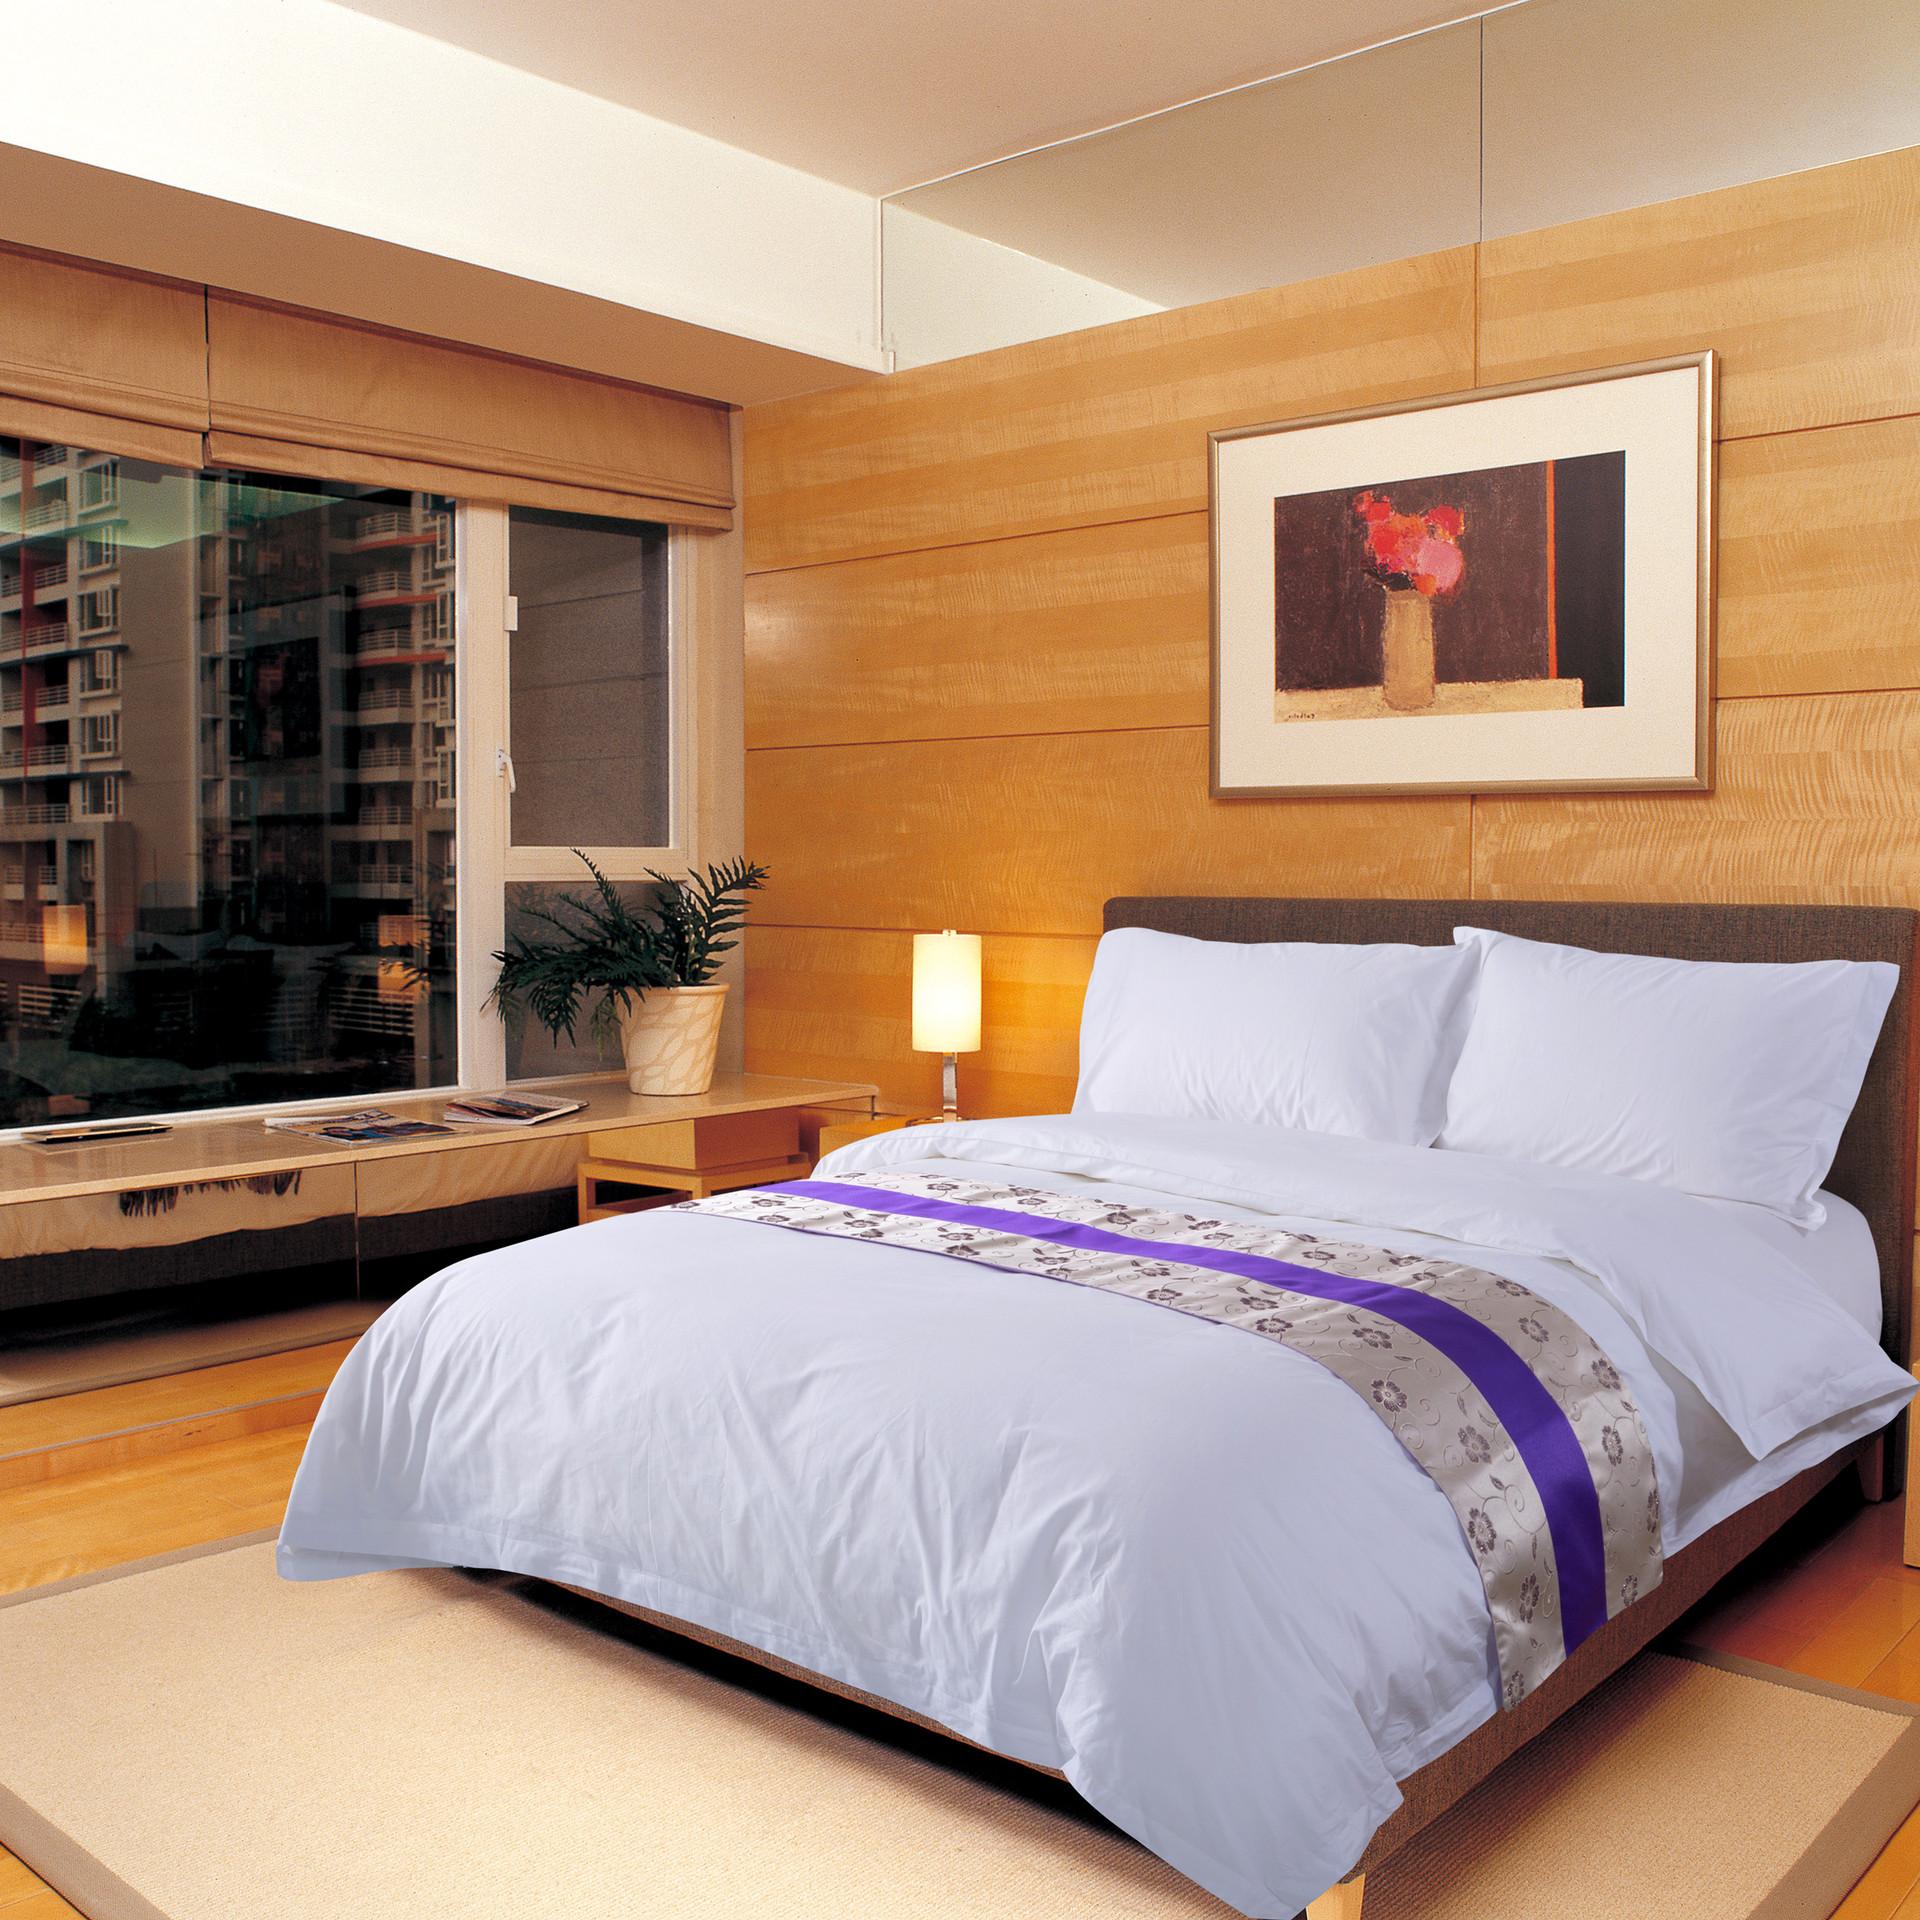 君芝友酒店用品賓館酒店床上用品四件套全棉純白色貢緞4件套床單被套床品JZY-0004